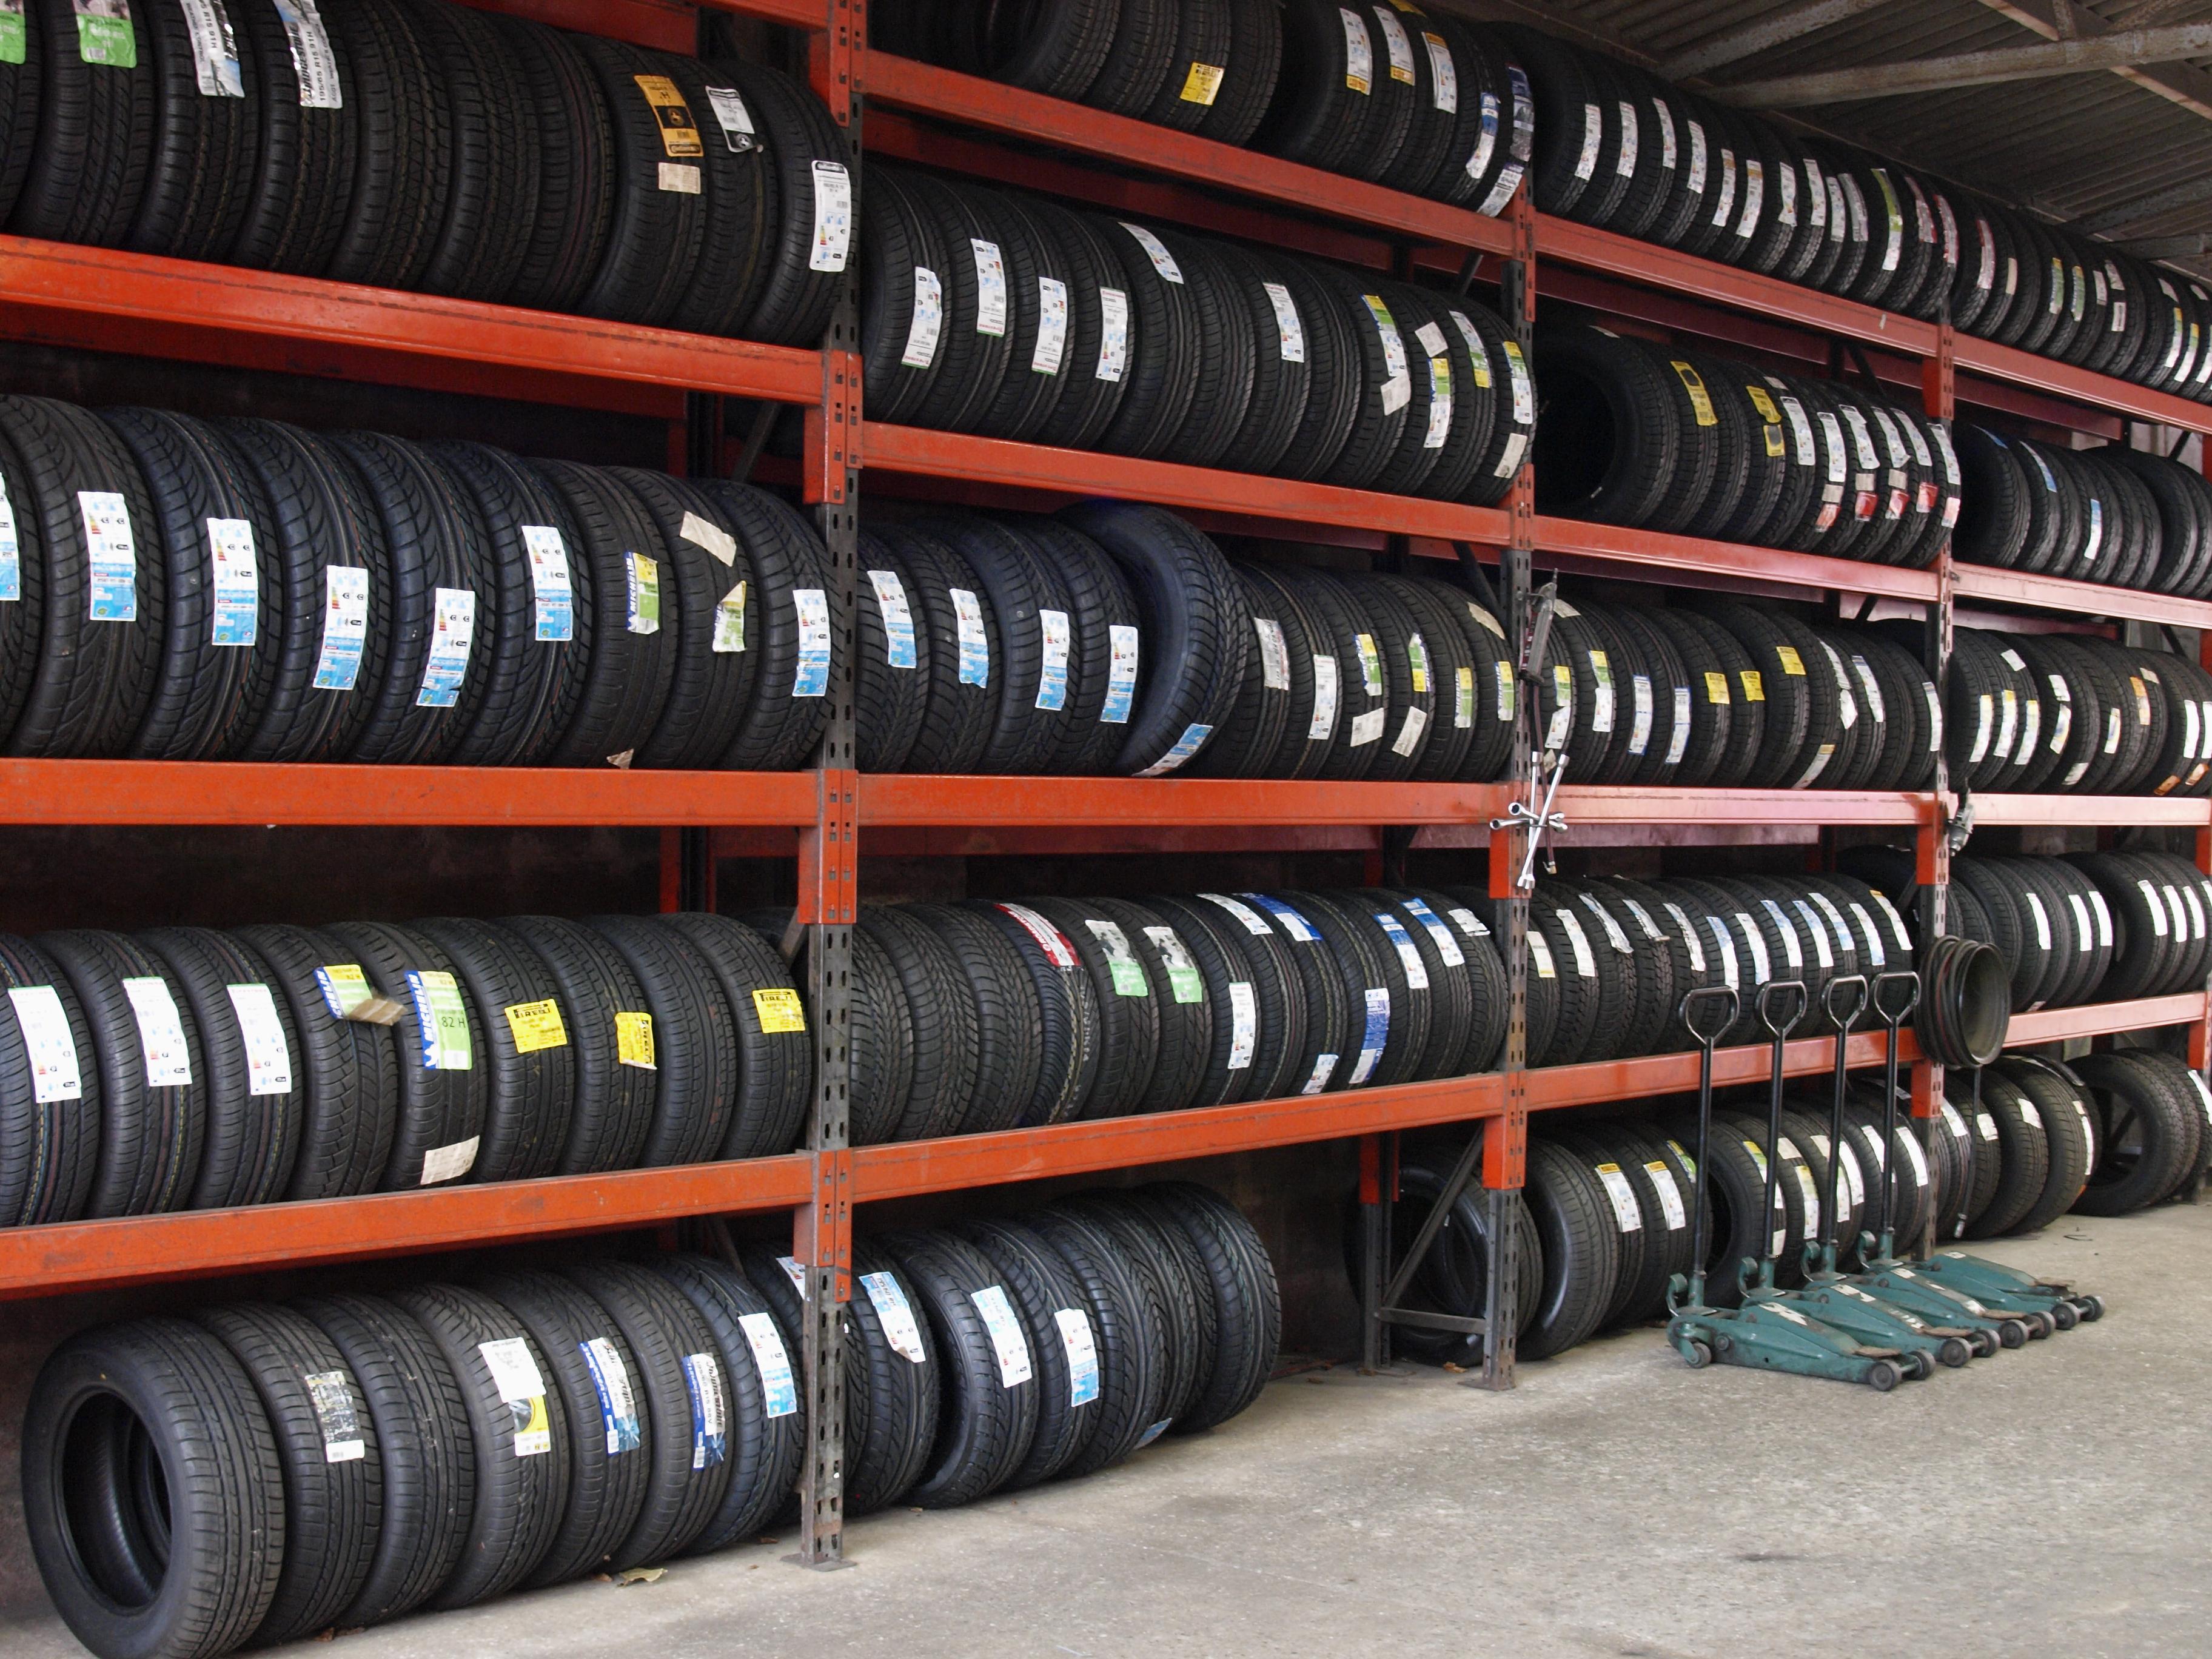 Rows of new tires at a repair center, Bideford, Devon